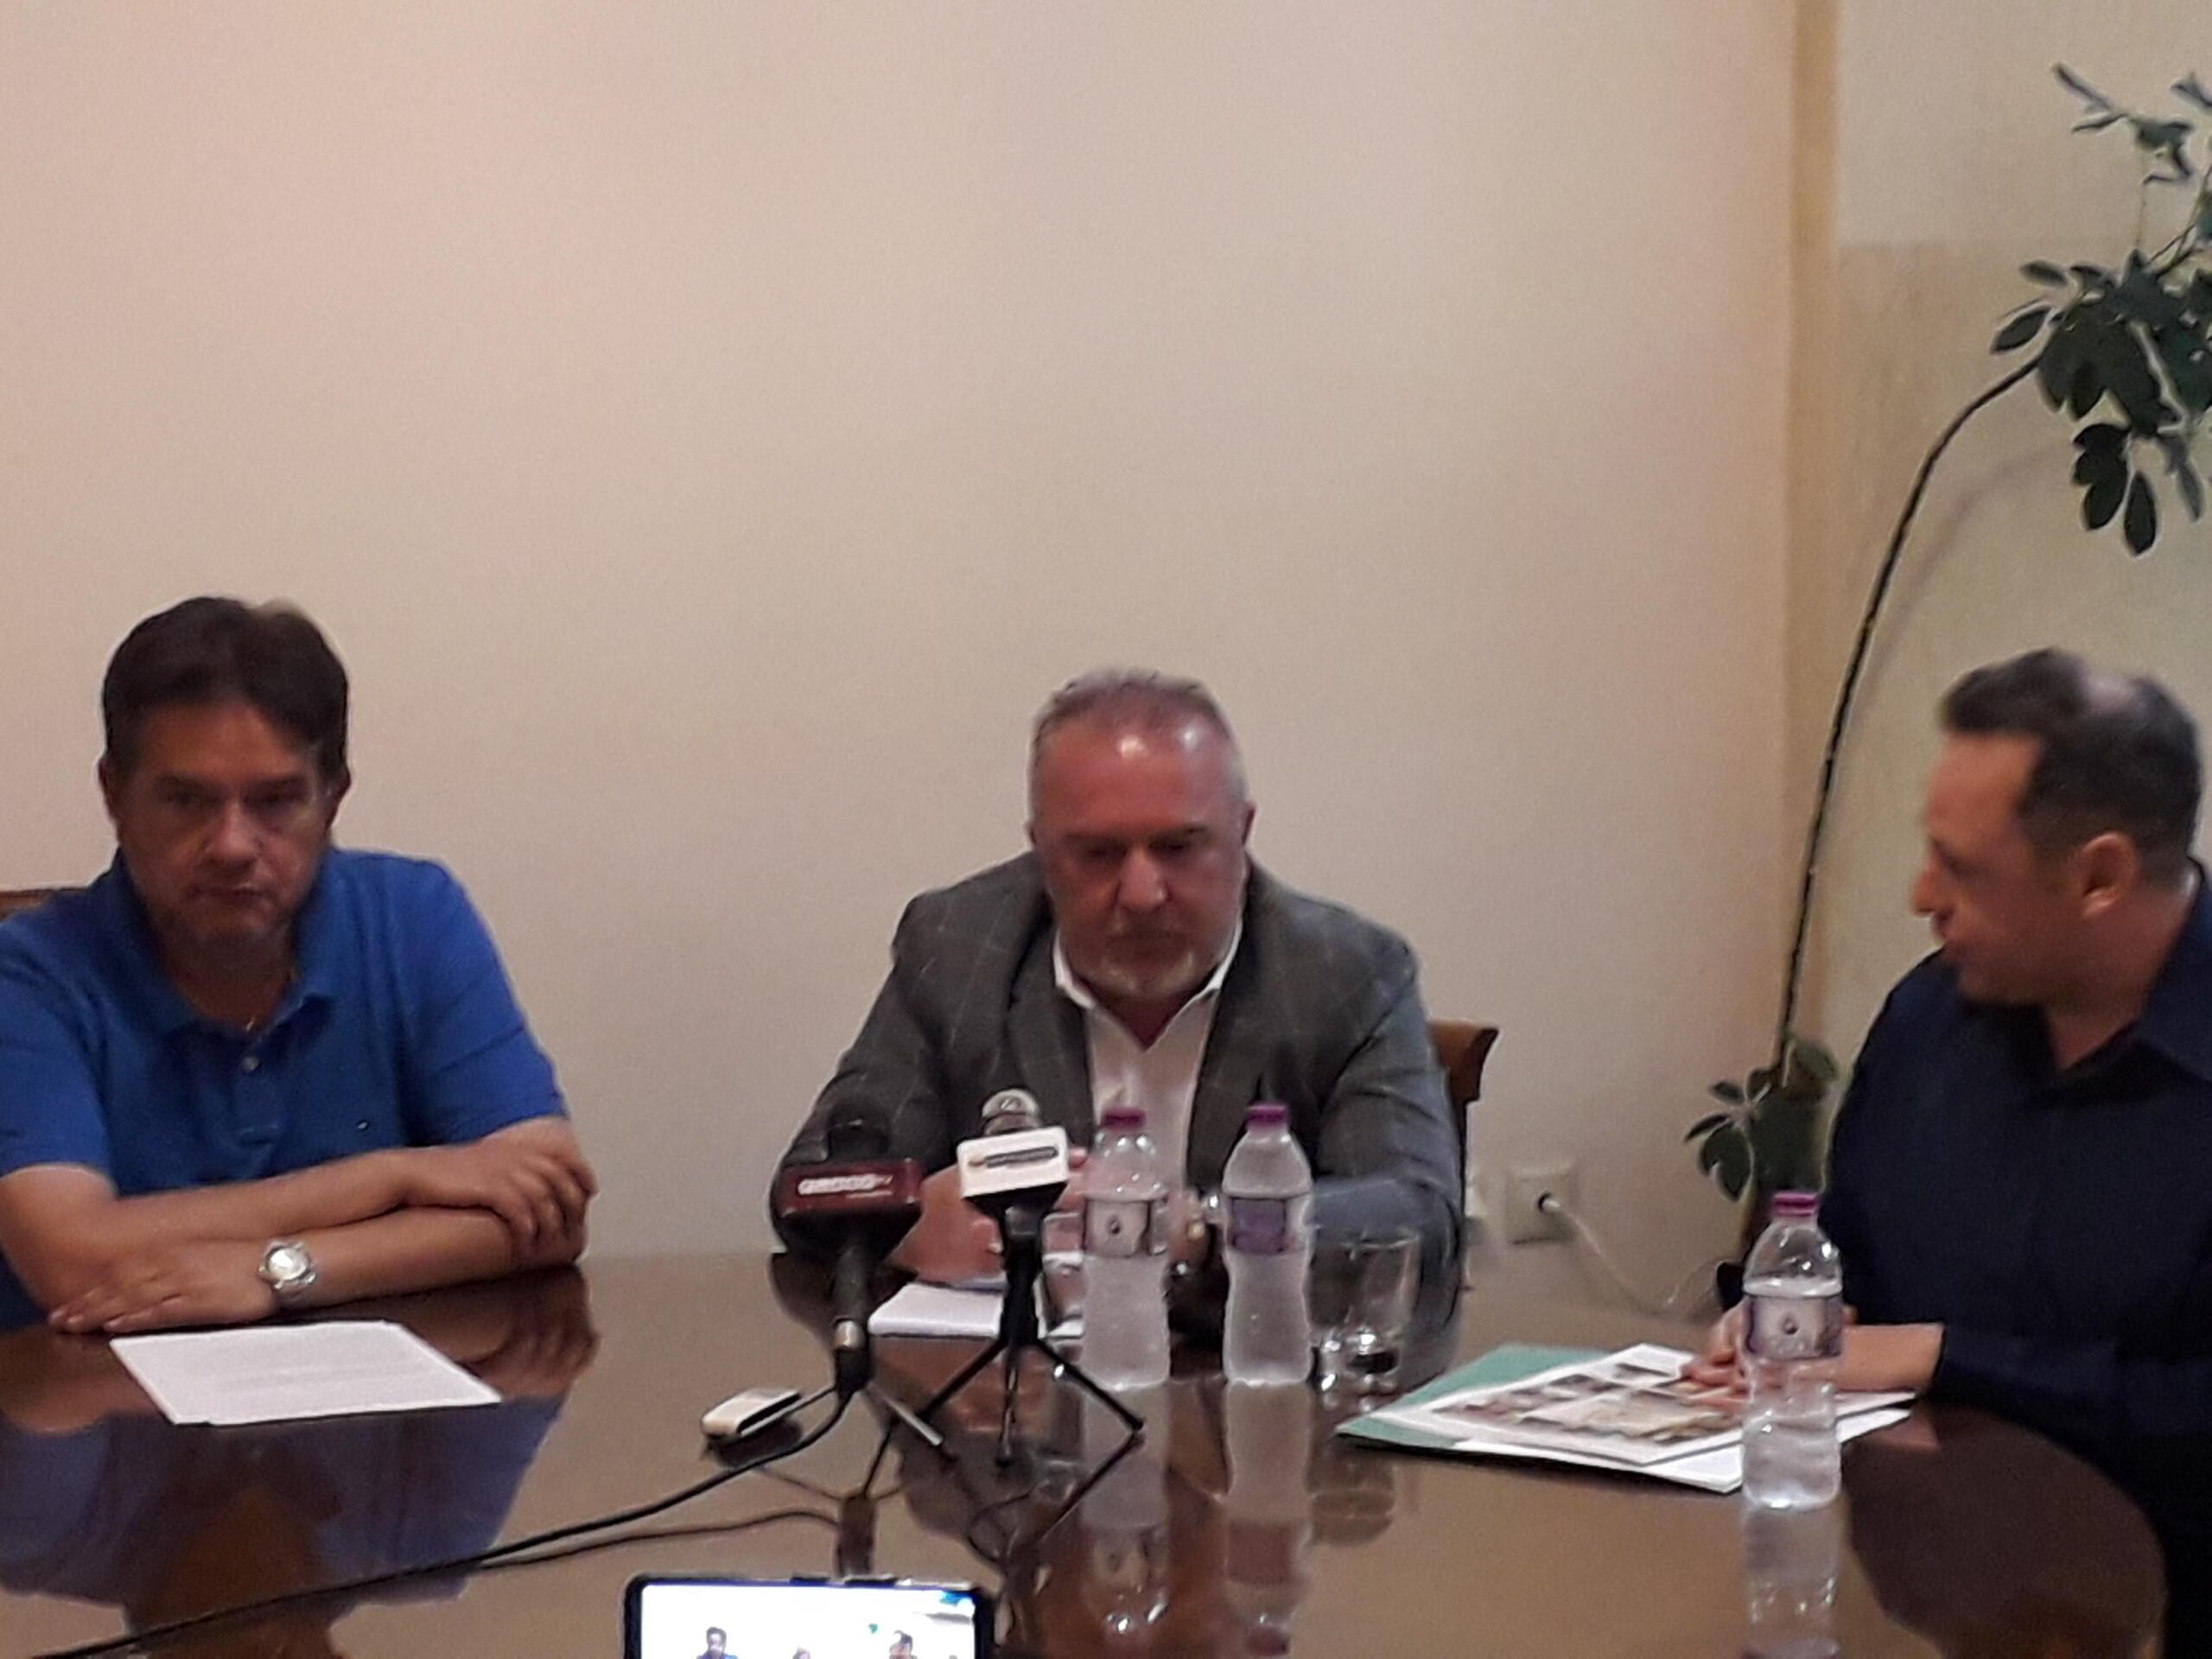 Παρουσίασε τα ονόματα και ανέλυσε το πρόγραμμά του ο συνδυασμός «Επανεκκίνηση Κοζανίτικου Ποδοσφαίρου» Σάββας Σαλτσίδης